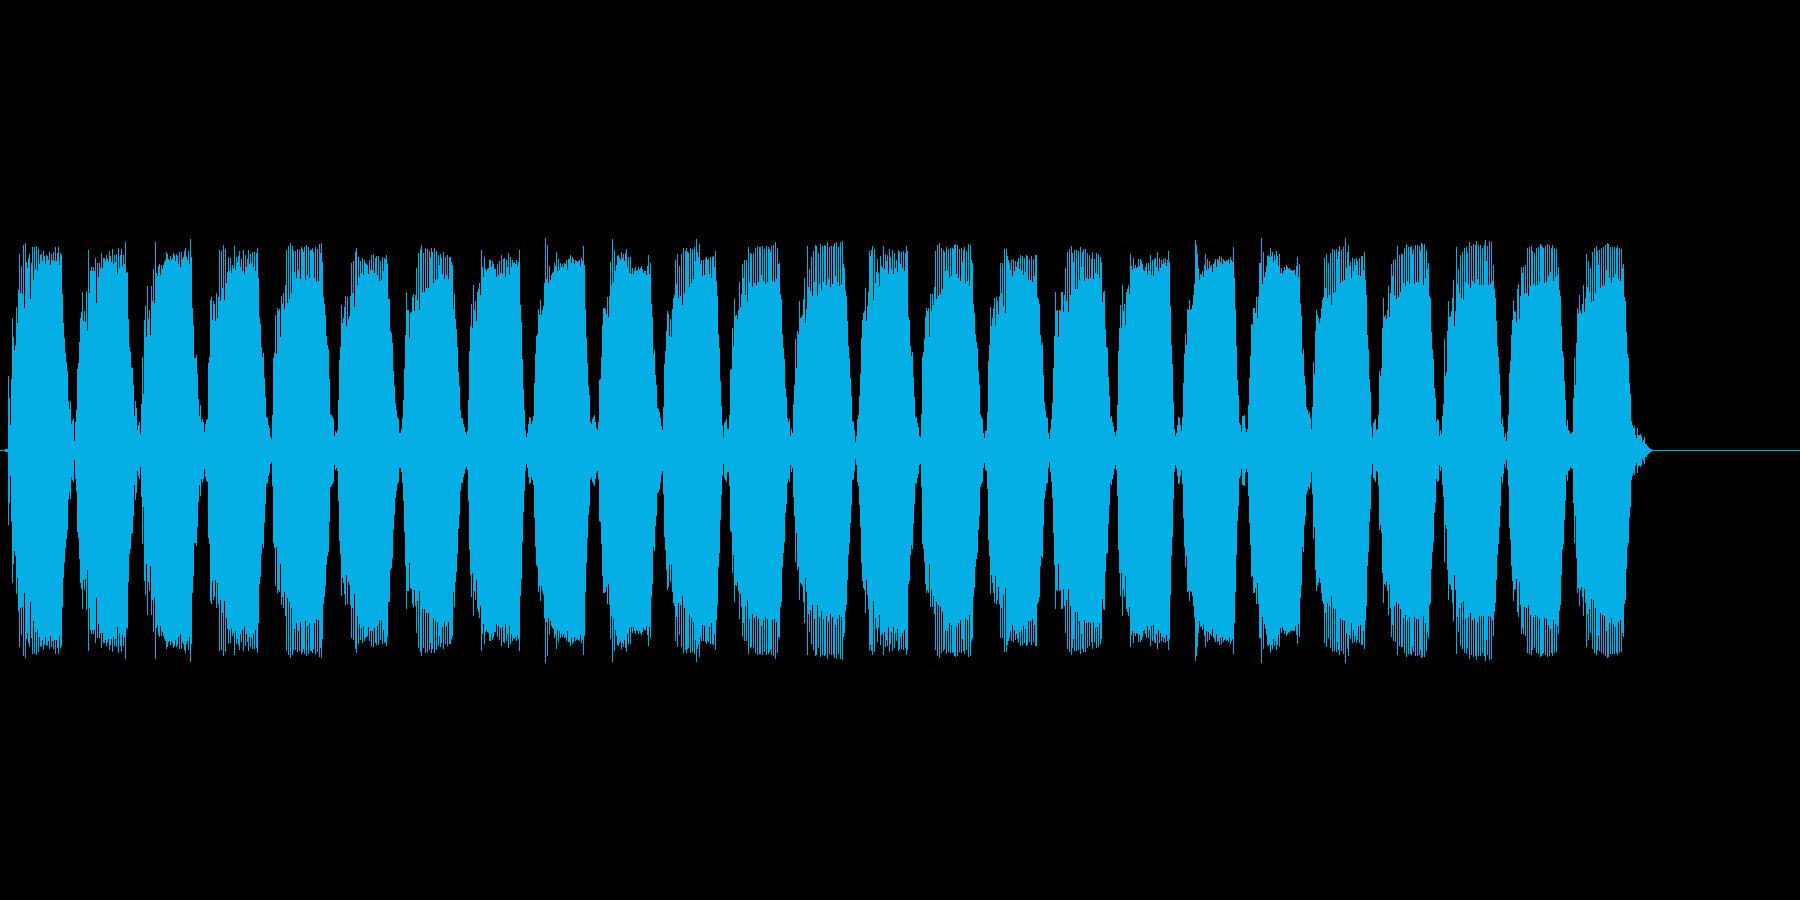 ぶーぶーぶー(バイブ音)の再生済みの波形